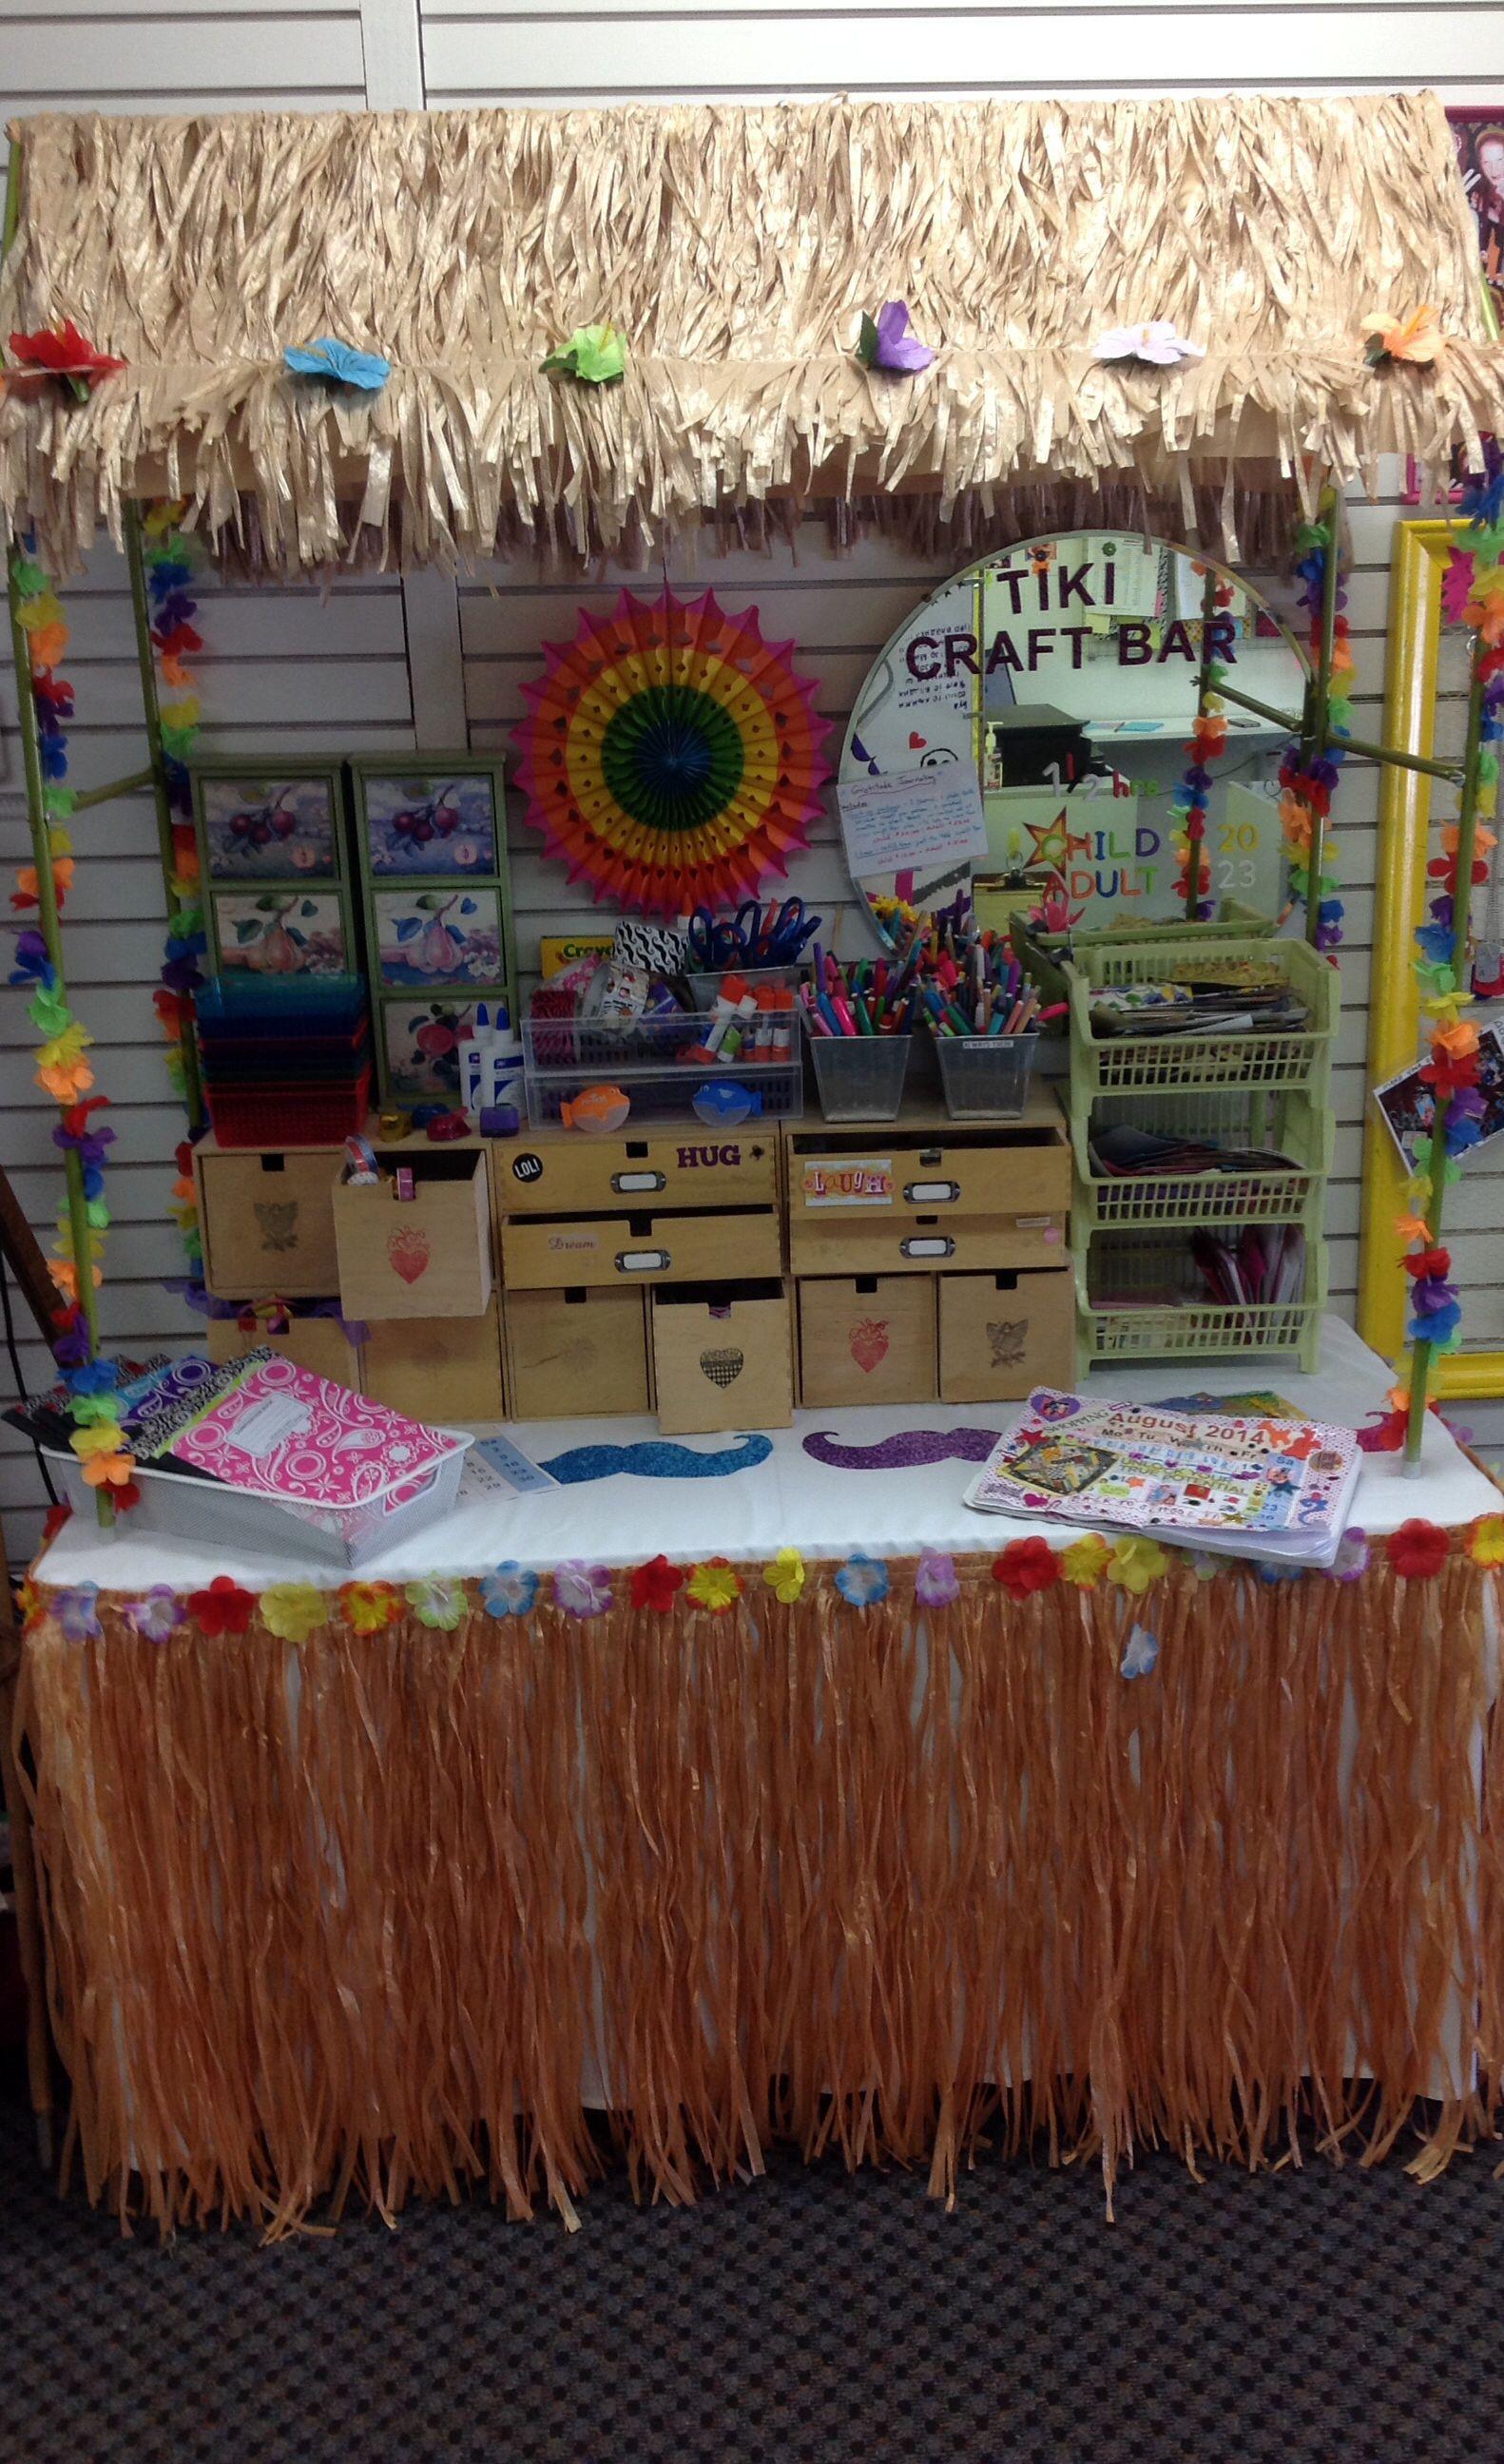 our new tiki craft bar tiki craft bar pinterest school